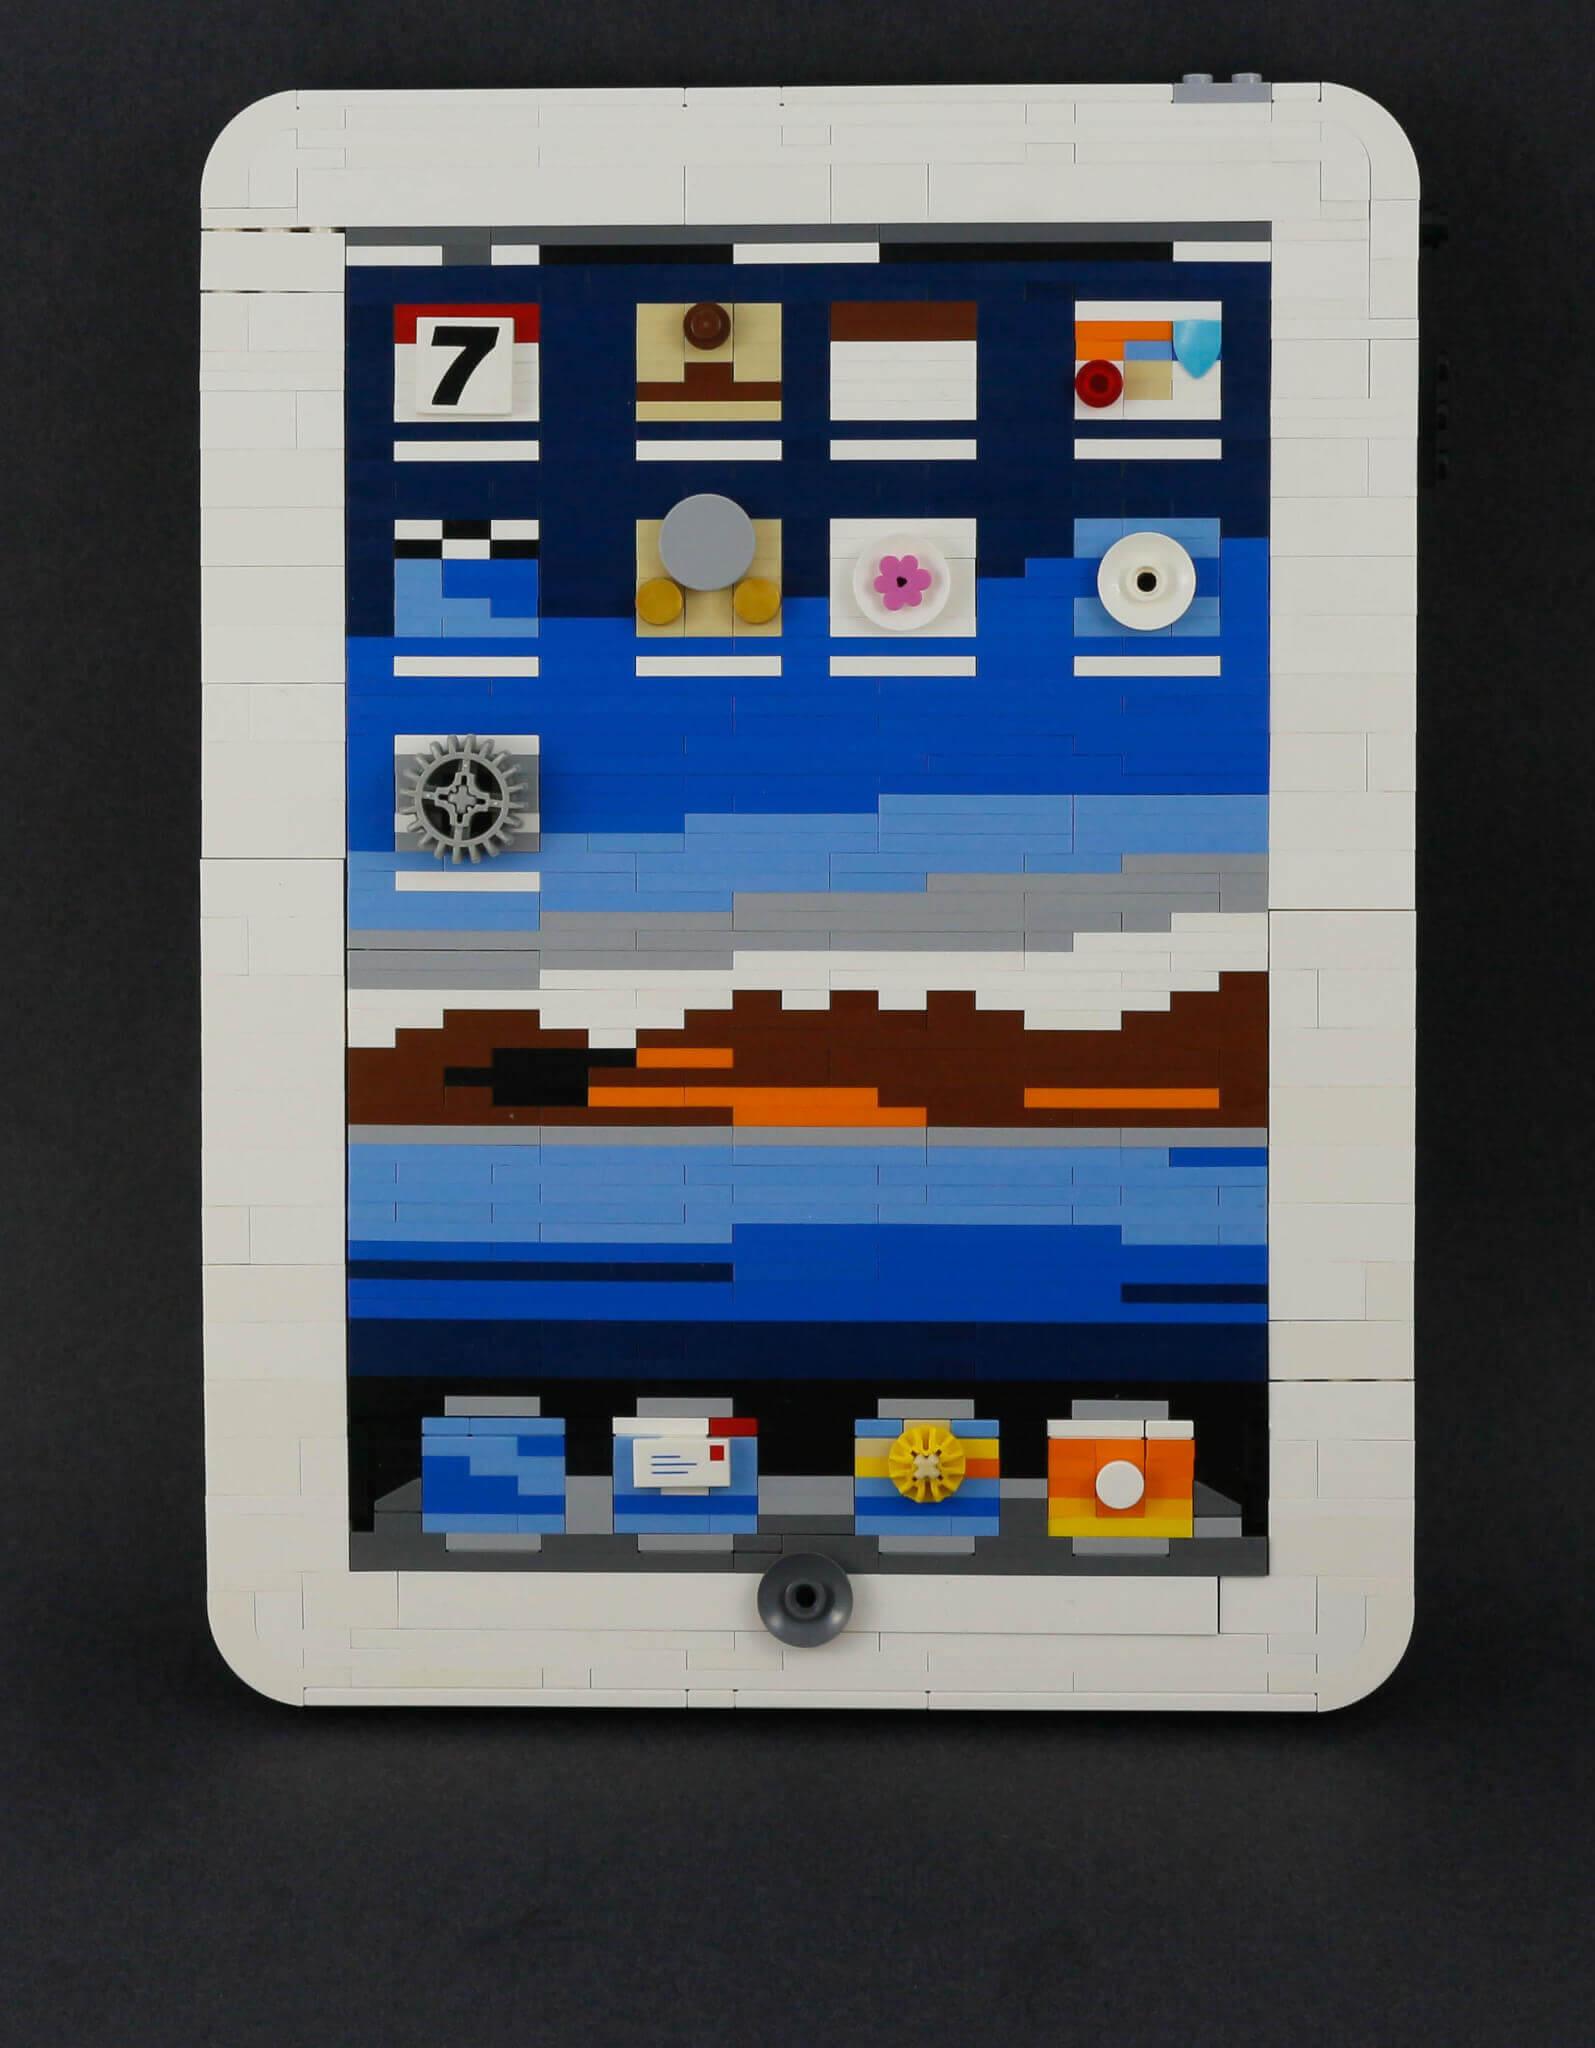 tablet-lego-ipad-klocki-lego-krakow-proste-budowle-z-klocków-lego.jpg